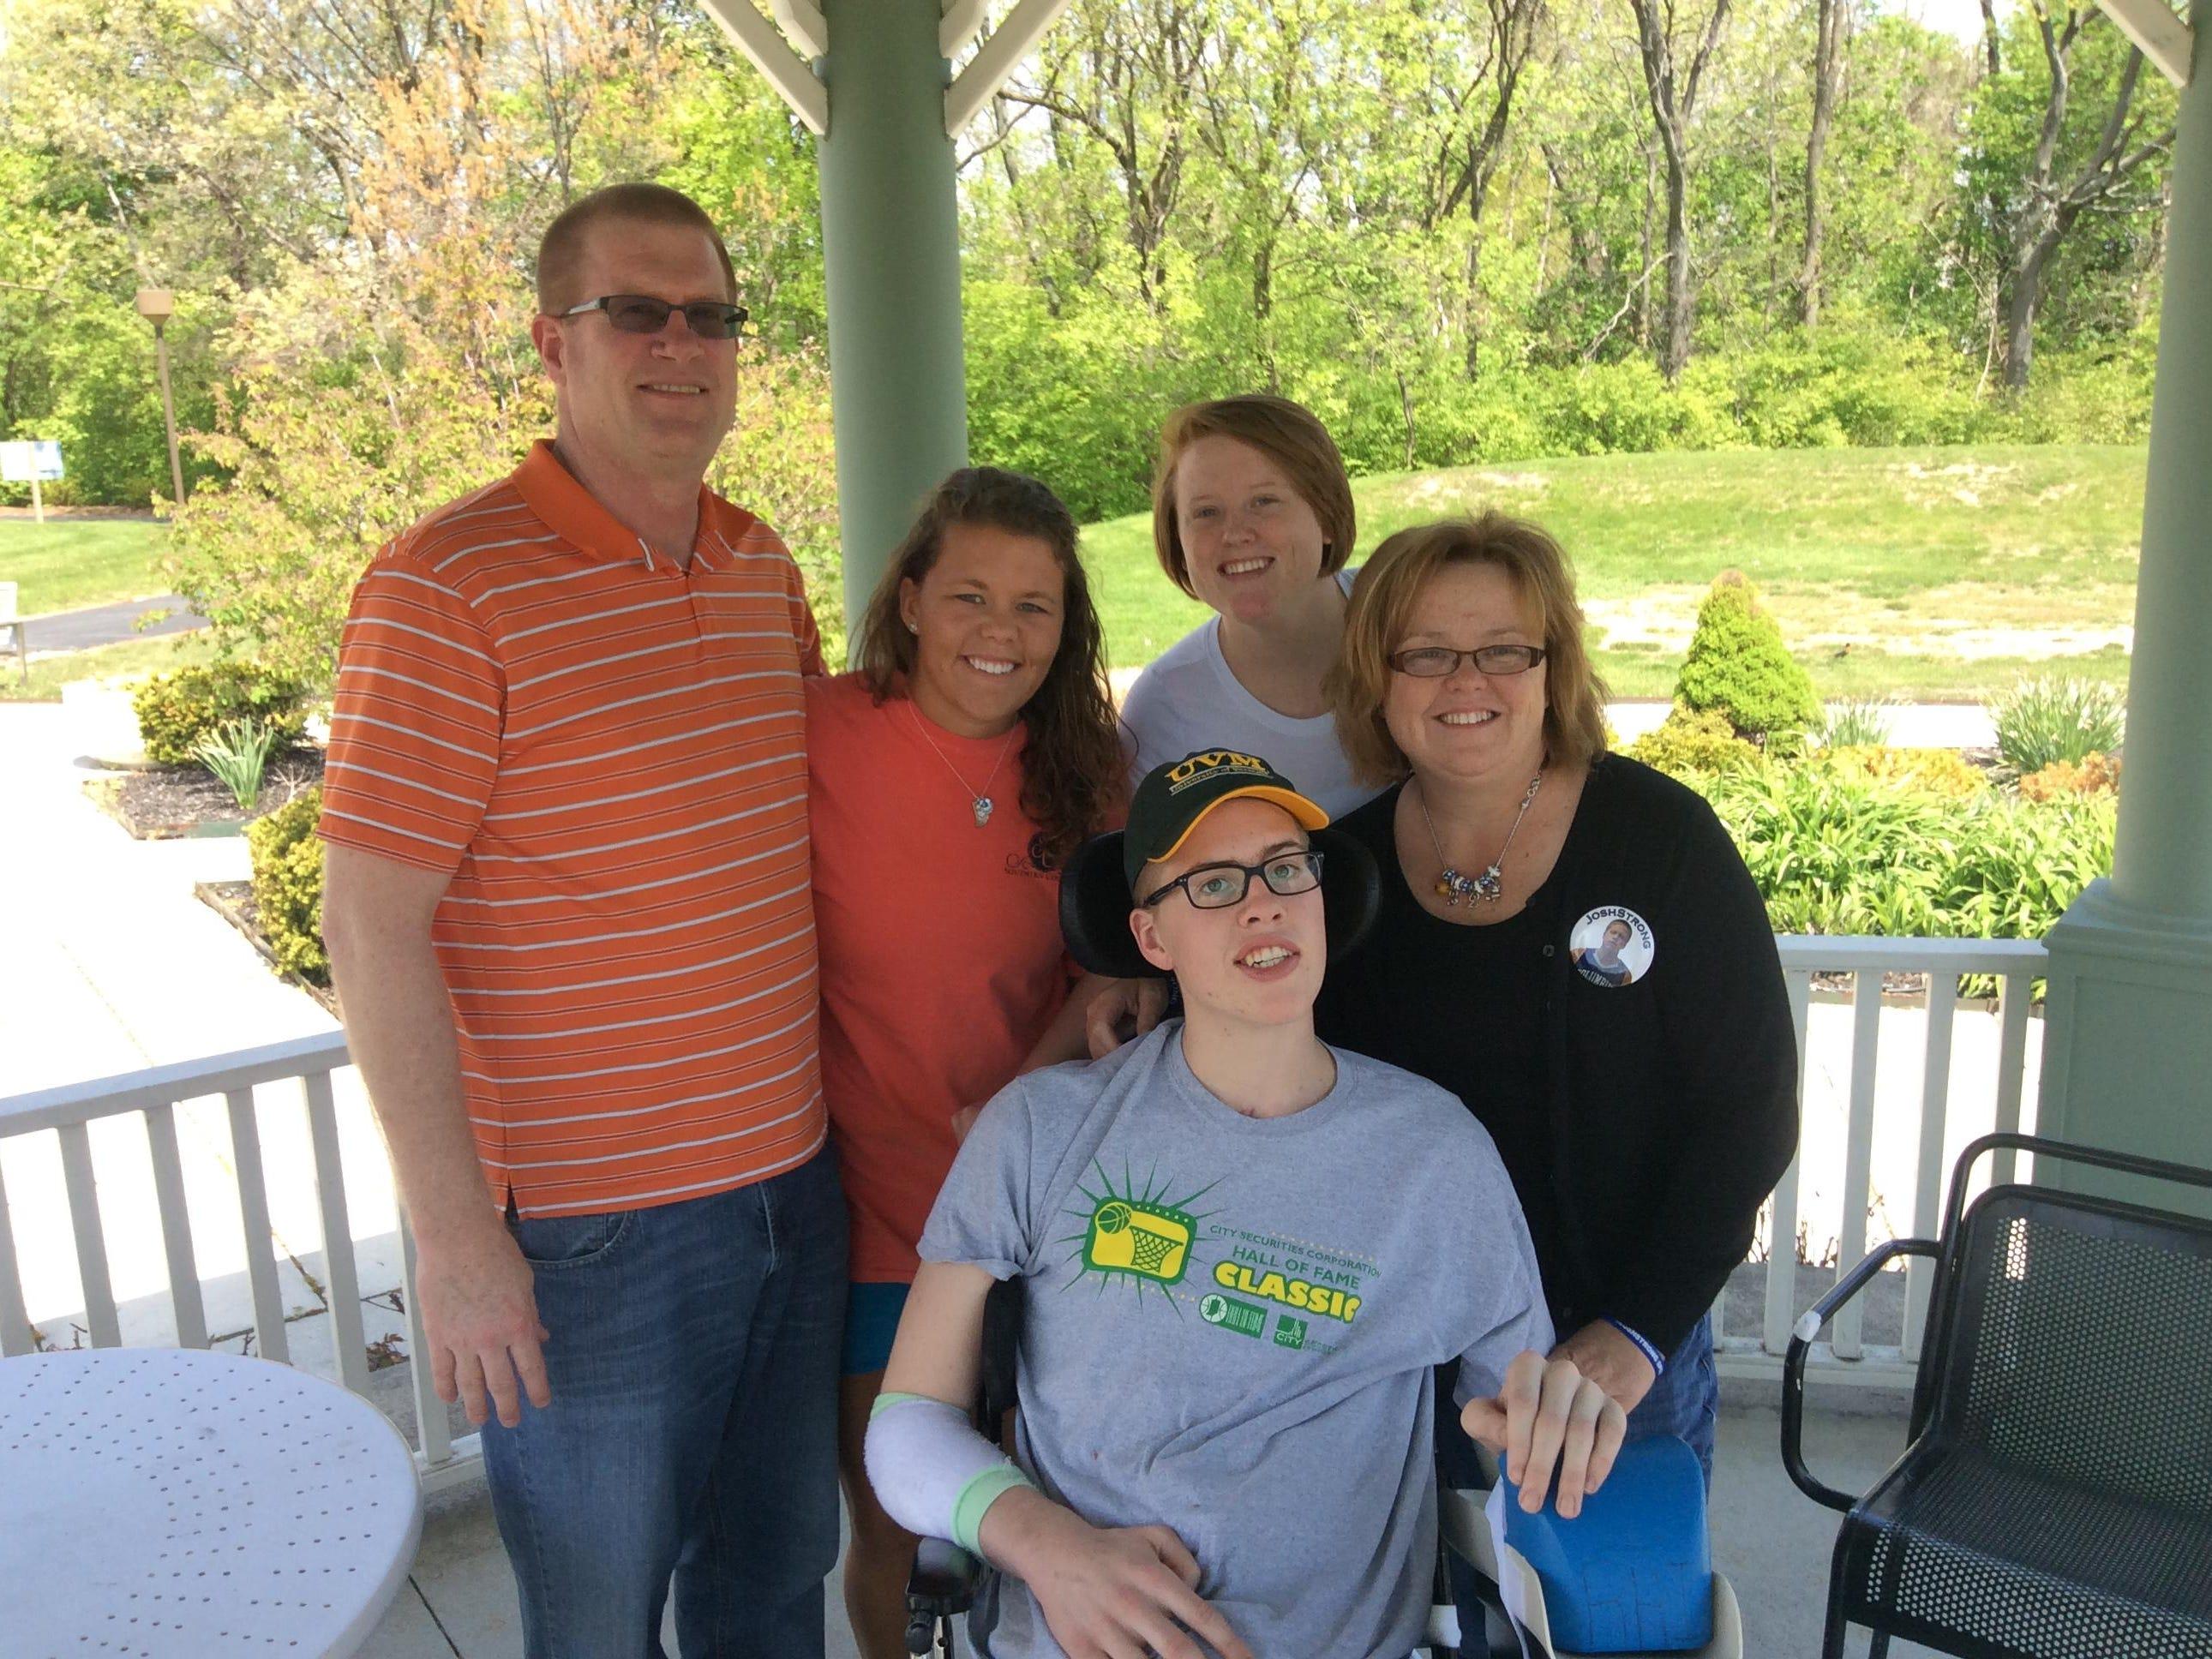 Josh Speidel with his family.